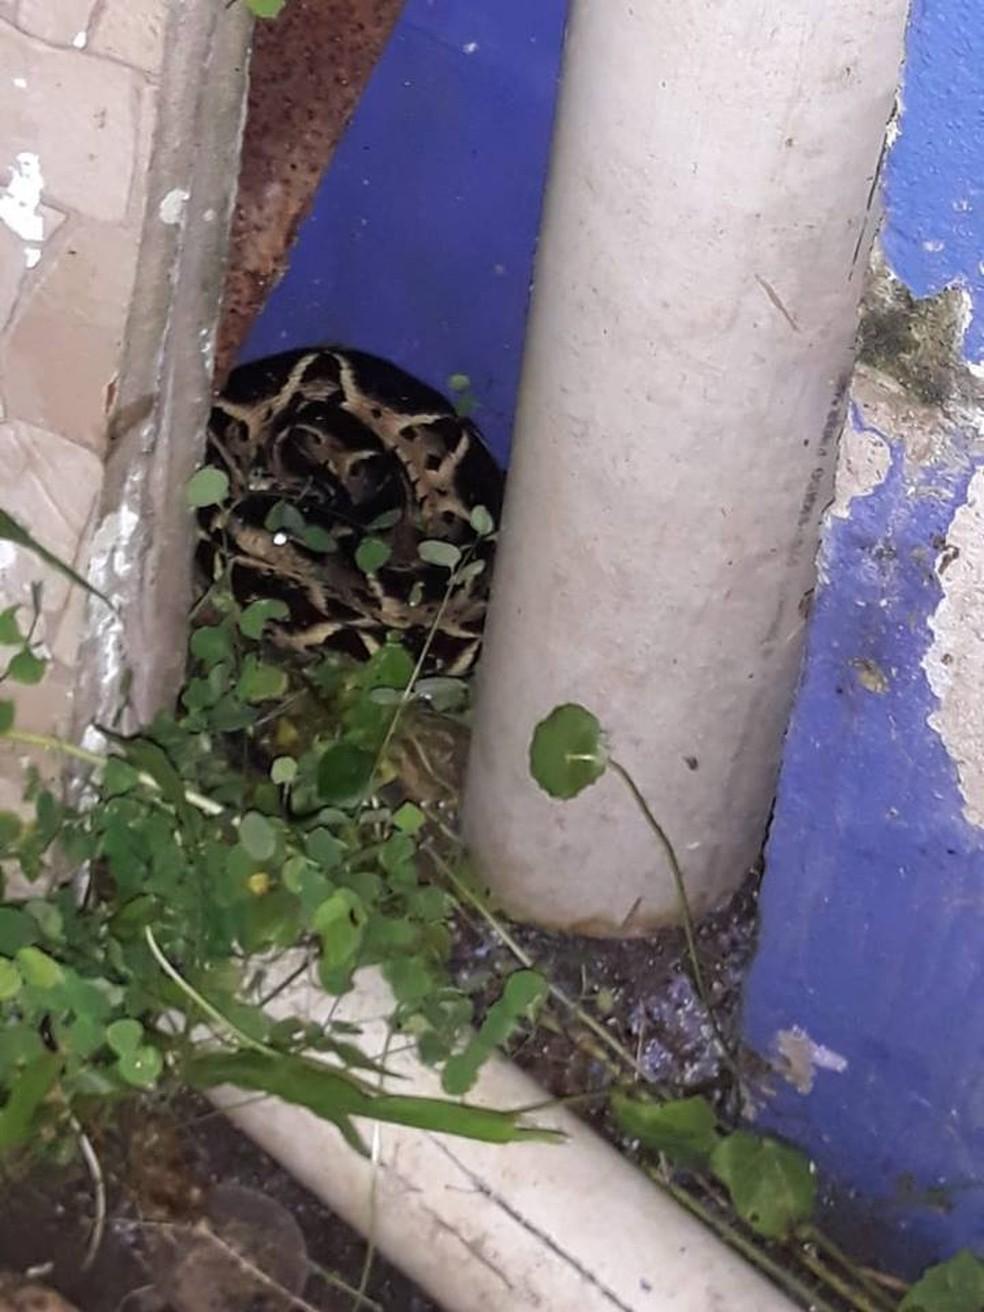 Serpente estava escondida no quintal de morador do bairro São Lourenço em Bertioga, SP — Foto: Arquivo Pessoal/Paulo Rodrigues